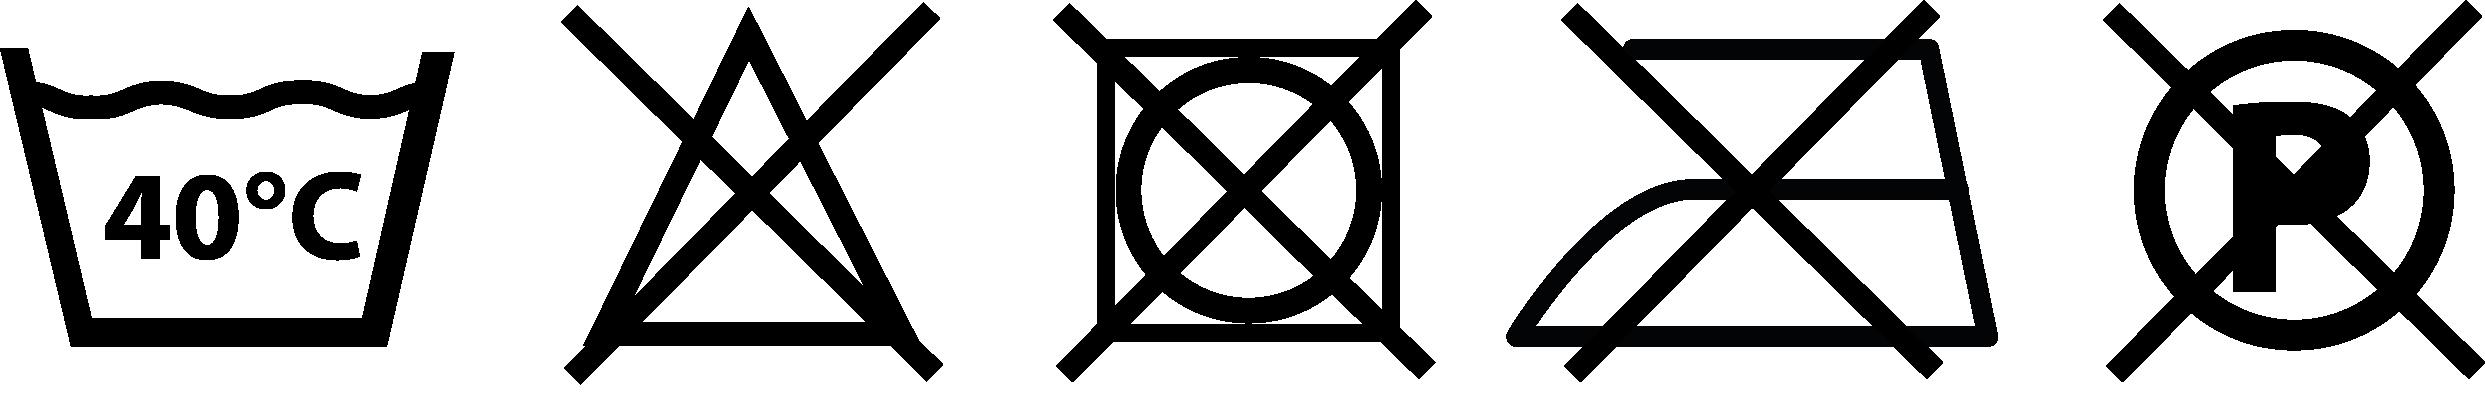 Viren-EX-Handschuh (Größe 8)